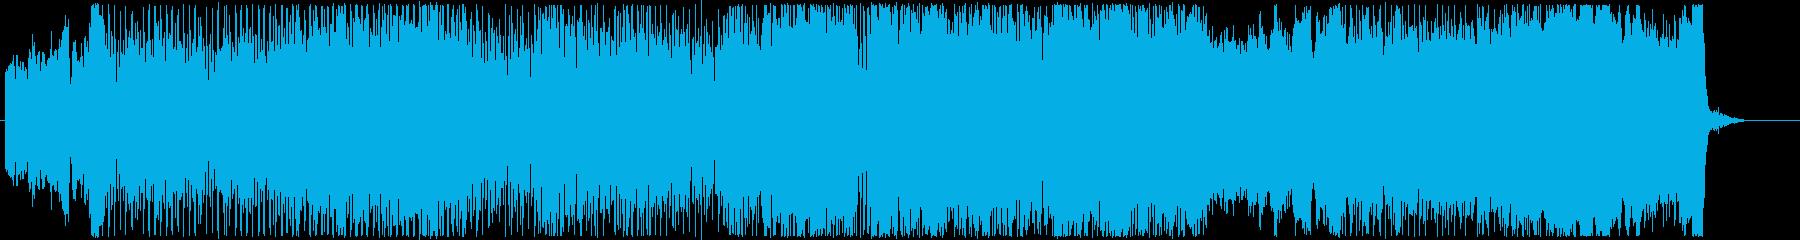 テンポの良いしあわせな雰囲気の曲の再生済みの波形